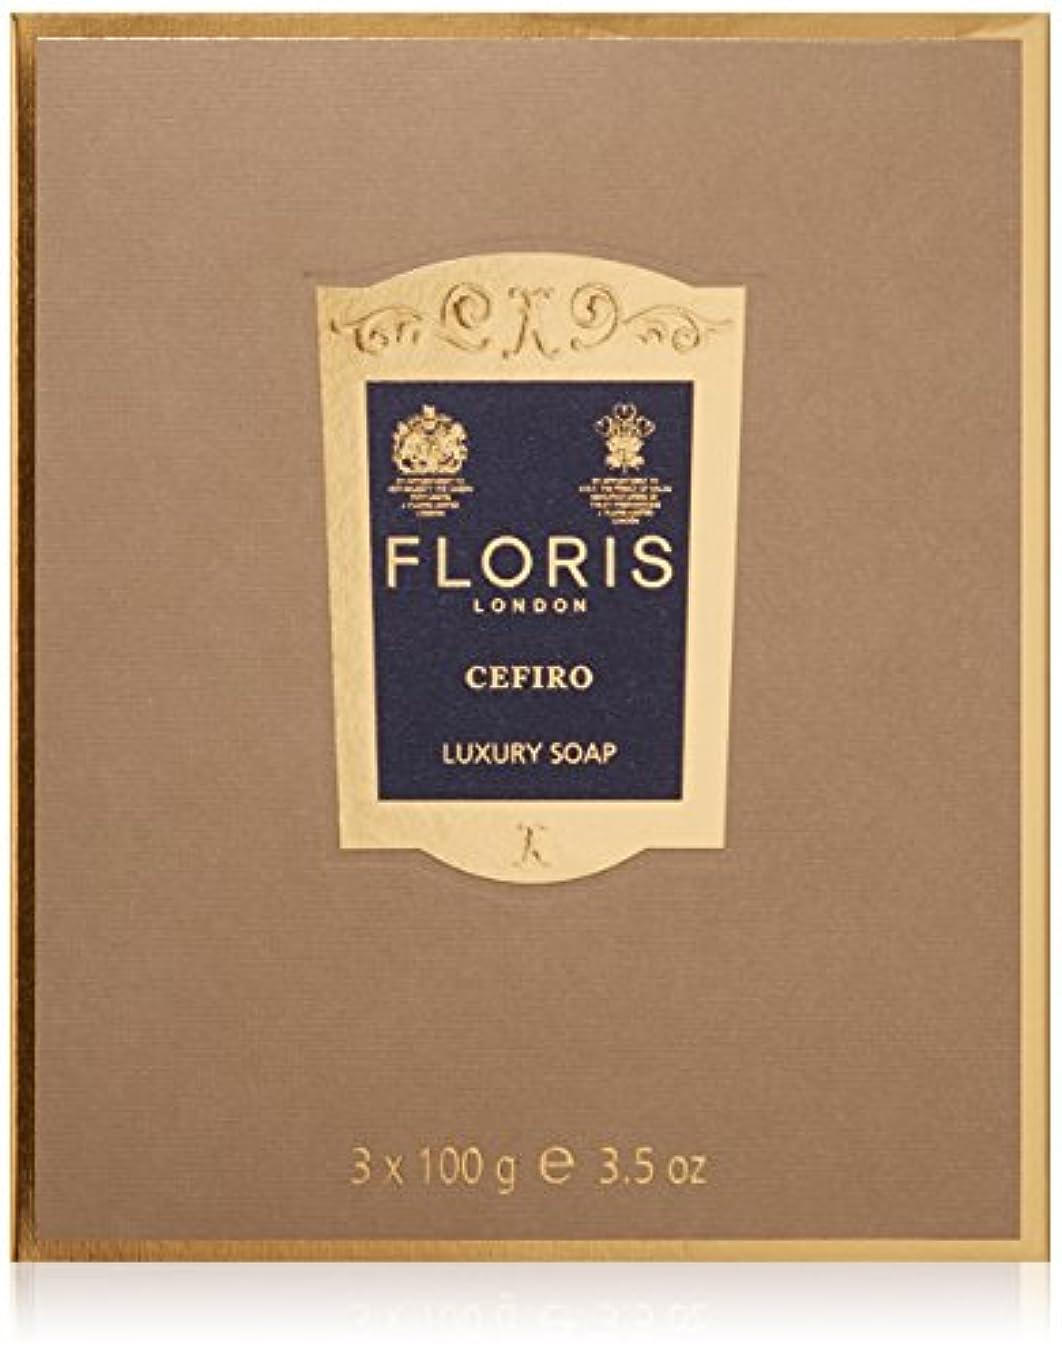 圧倒的イルクリックフローリス ラグジュアリーソープCF(セフィーロ) 3x100g/3.5oz